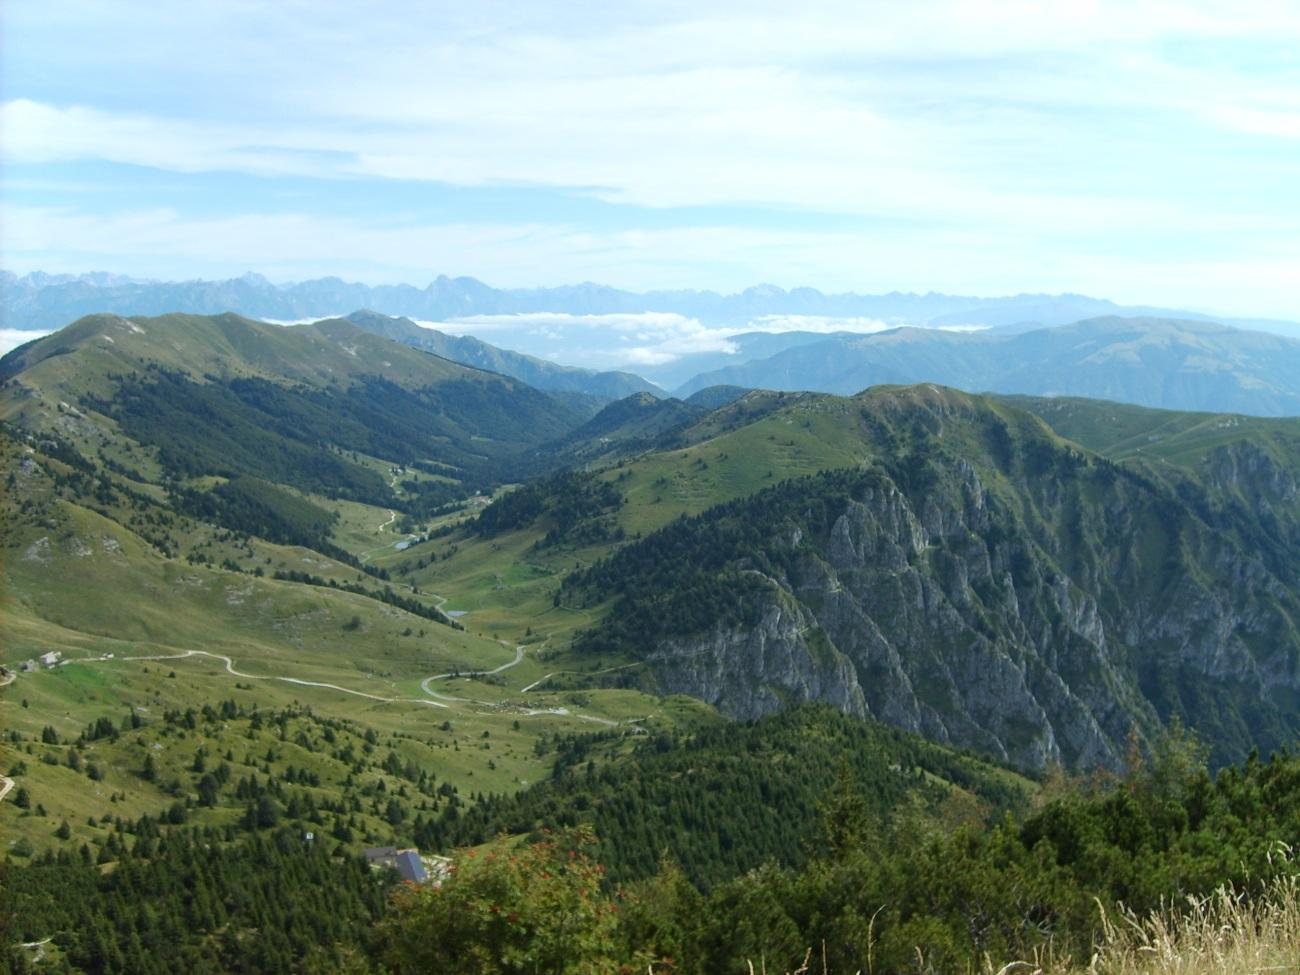 Vista_dal_monte_grappa.JPG